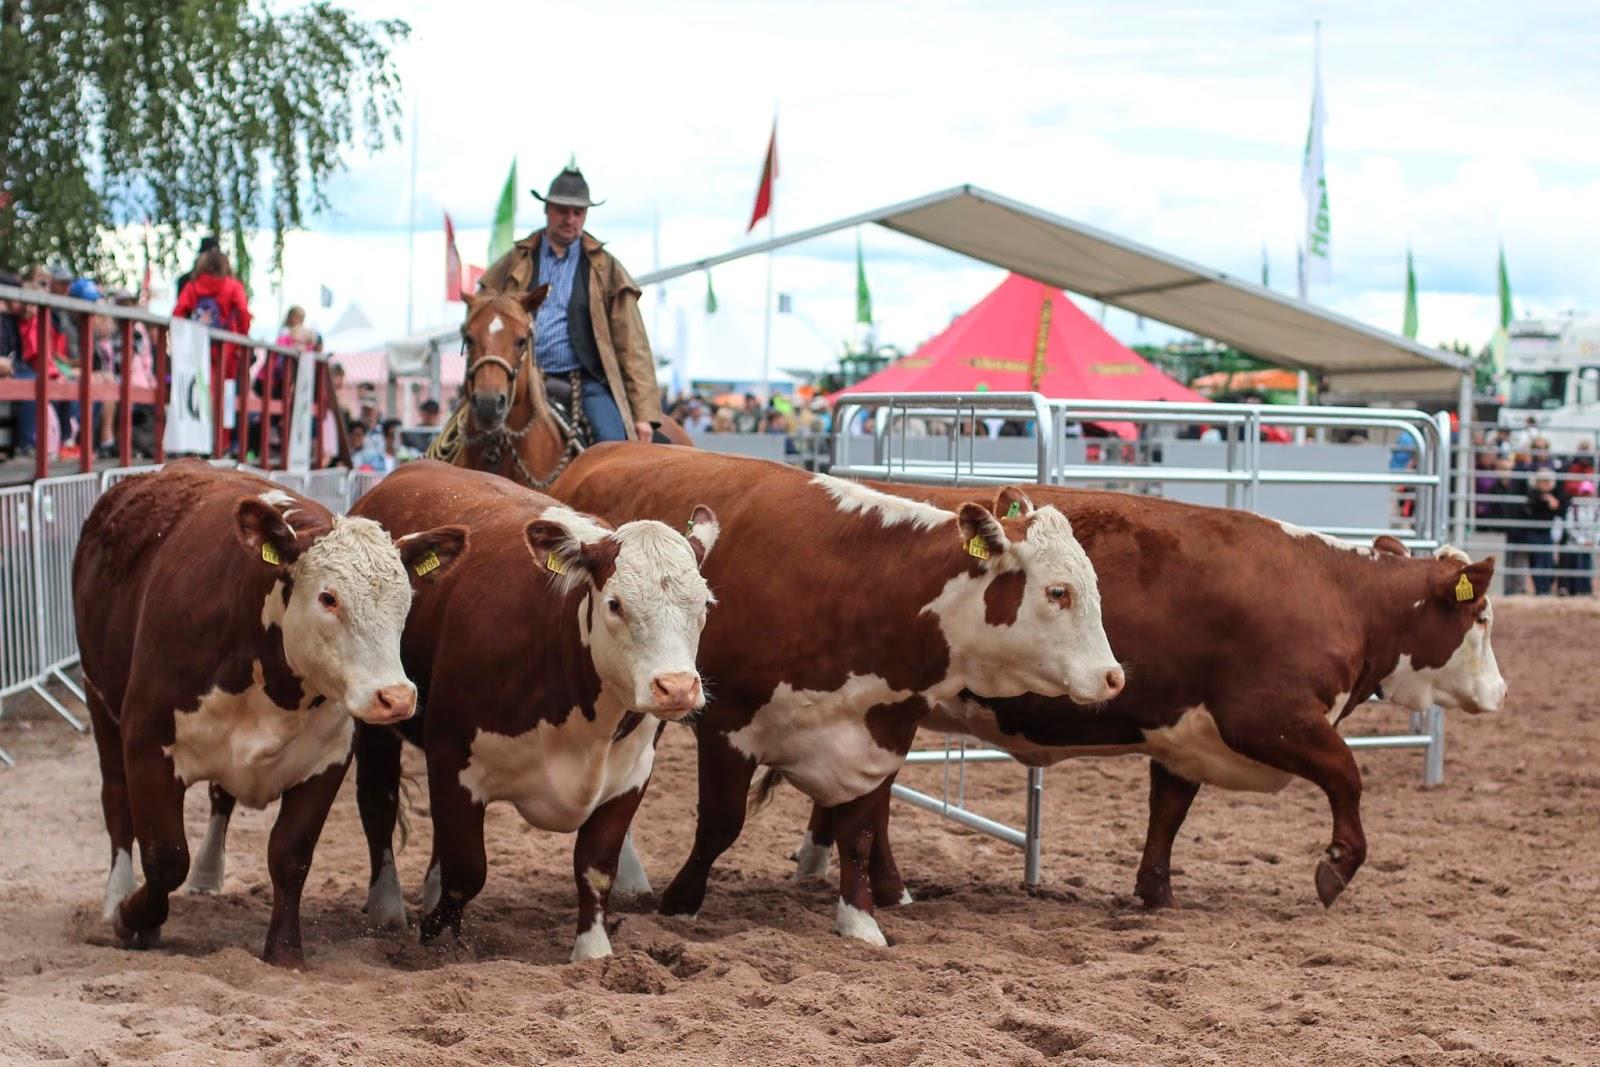 Kenneth Puskala esiintyy karjanäytöksessa Okra 2019 maatalousnäyttelyissä